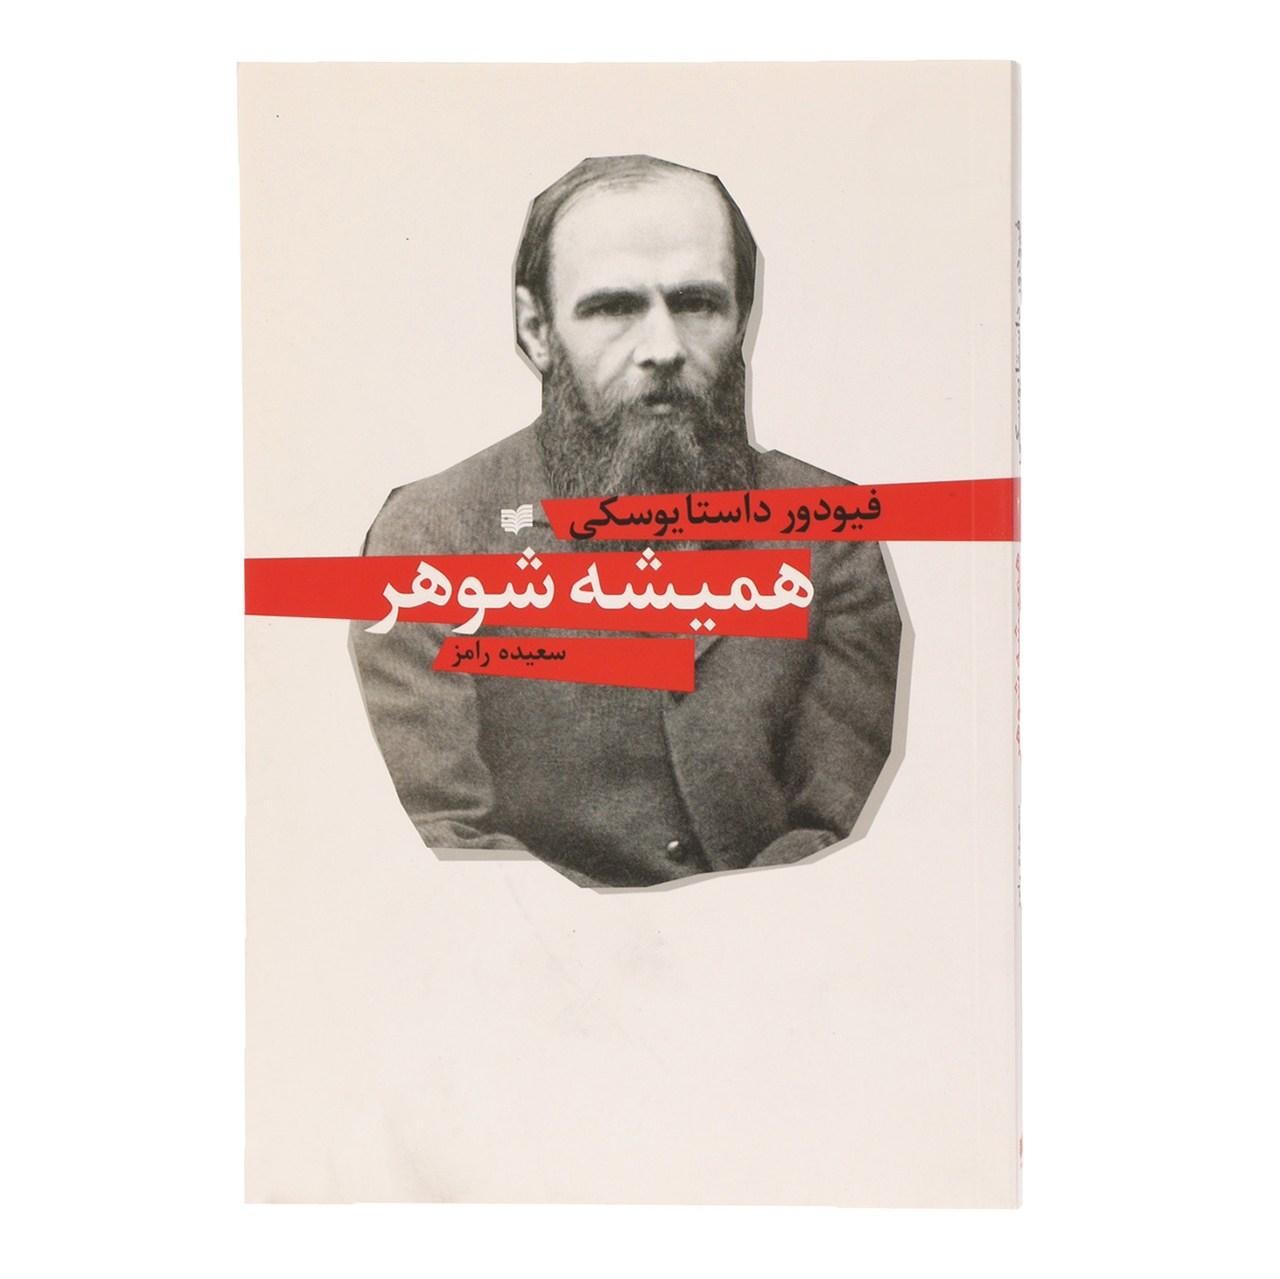 کتاب همیشه شوهر اثر فیودور داستایوسکی